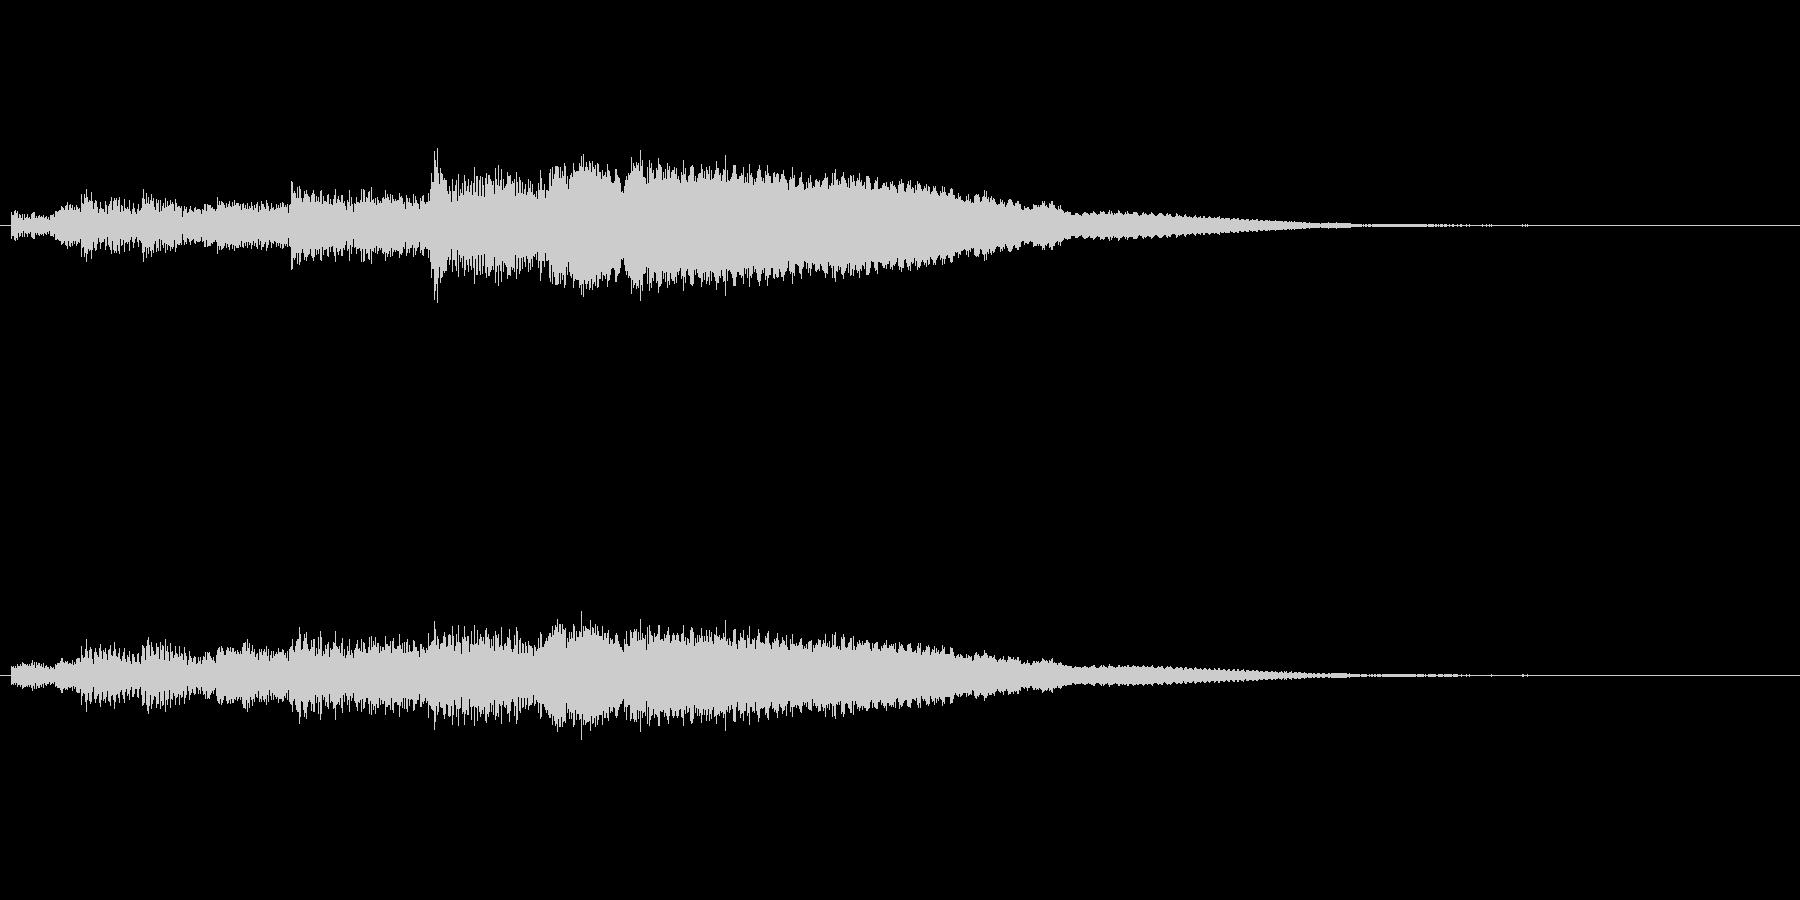 シンプルなベル音アイキャッチの未再生の波形